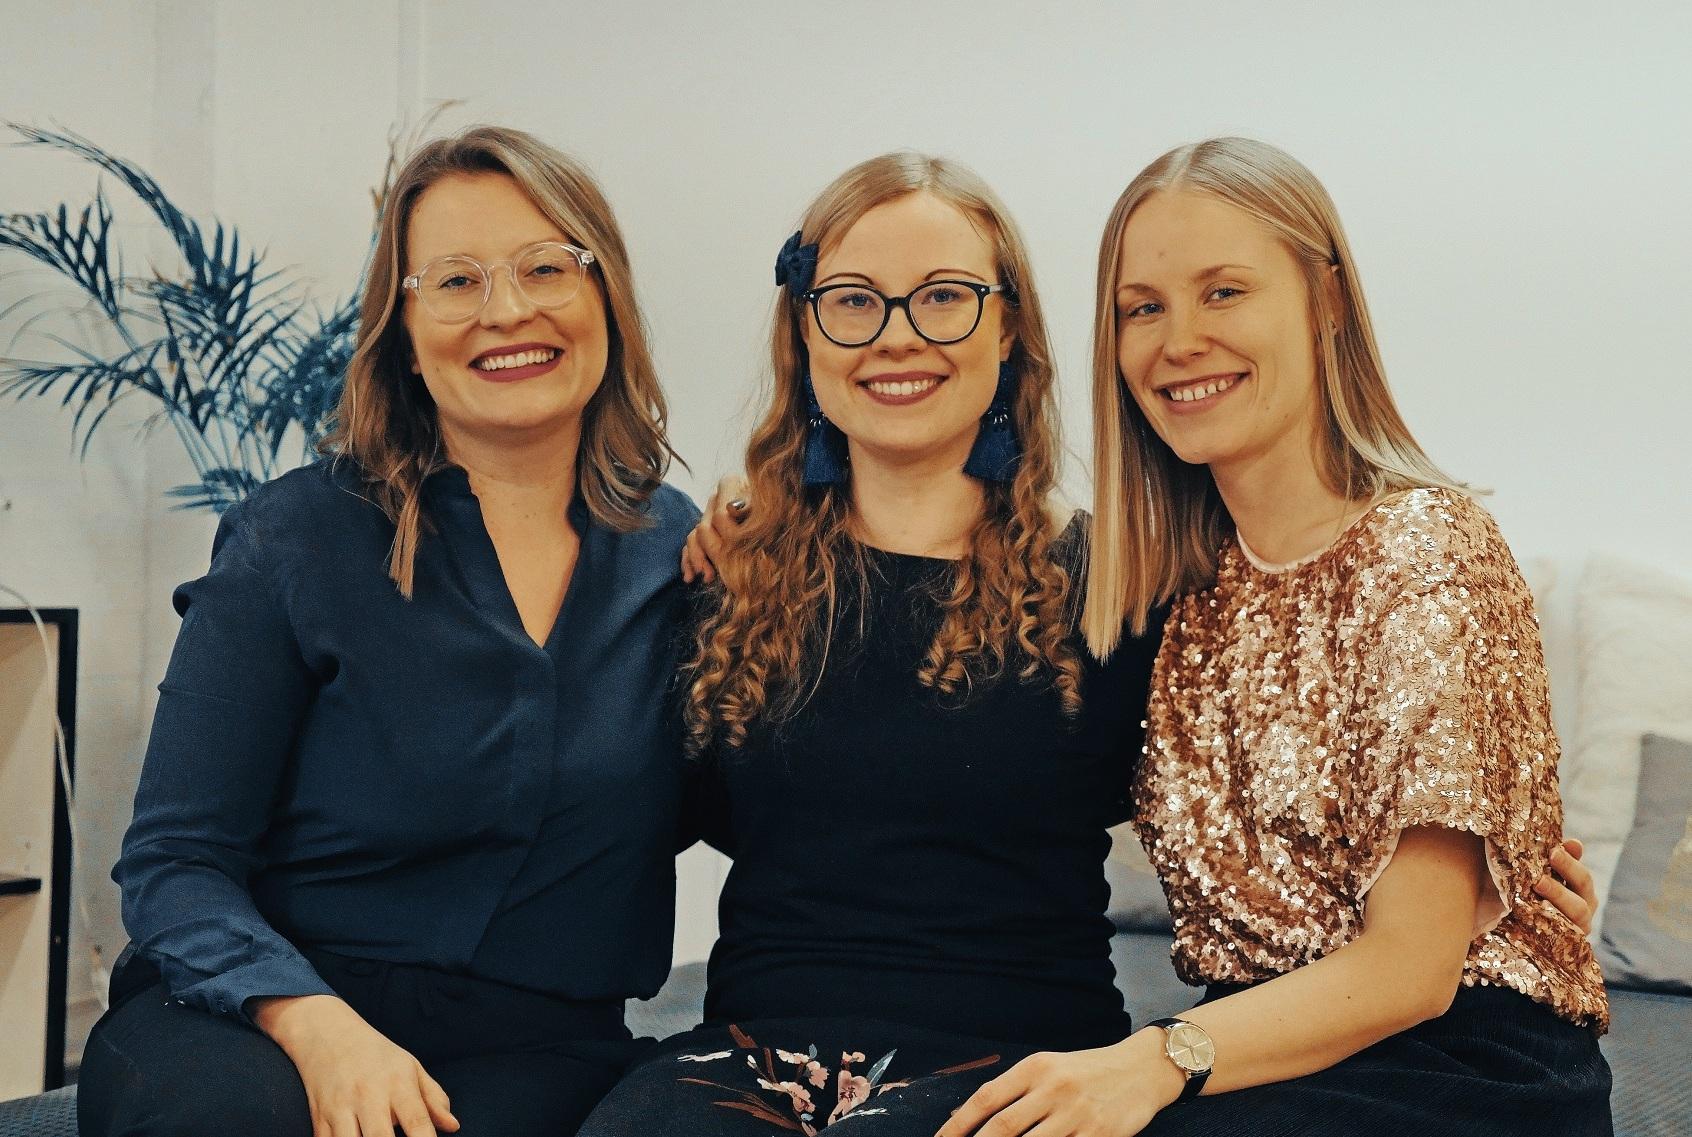 Positive Psychology Practitioner -koulutuksen suorittanut psykologi  Anne Haikola  on nyttemmin olennainen osa Joyllan tiimiä. Kuvassa mukana Joyllan perustajat  Paulina Piippo  (vas.) ja  Netta Lehtonen  (oik.).